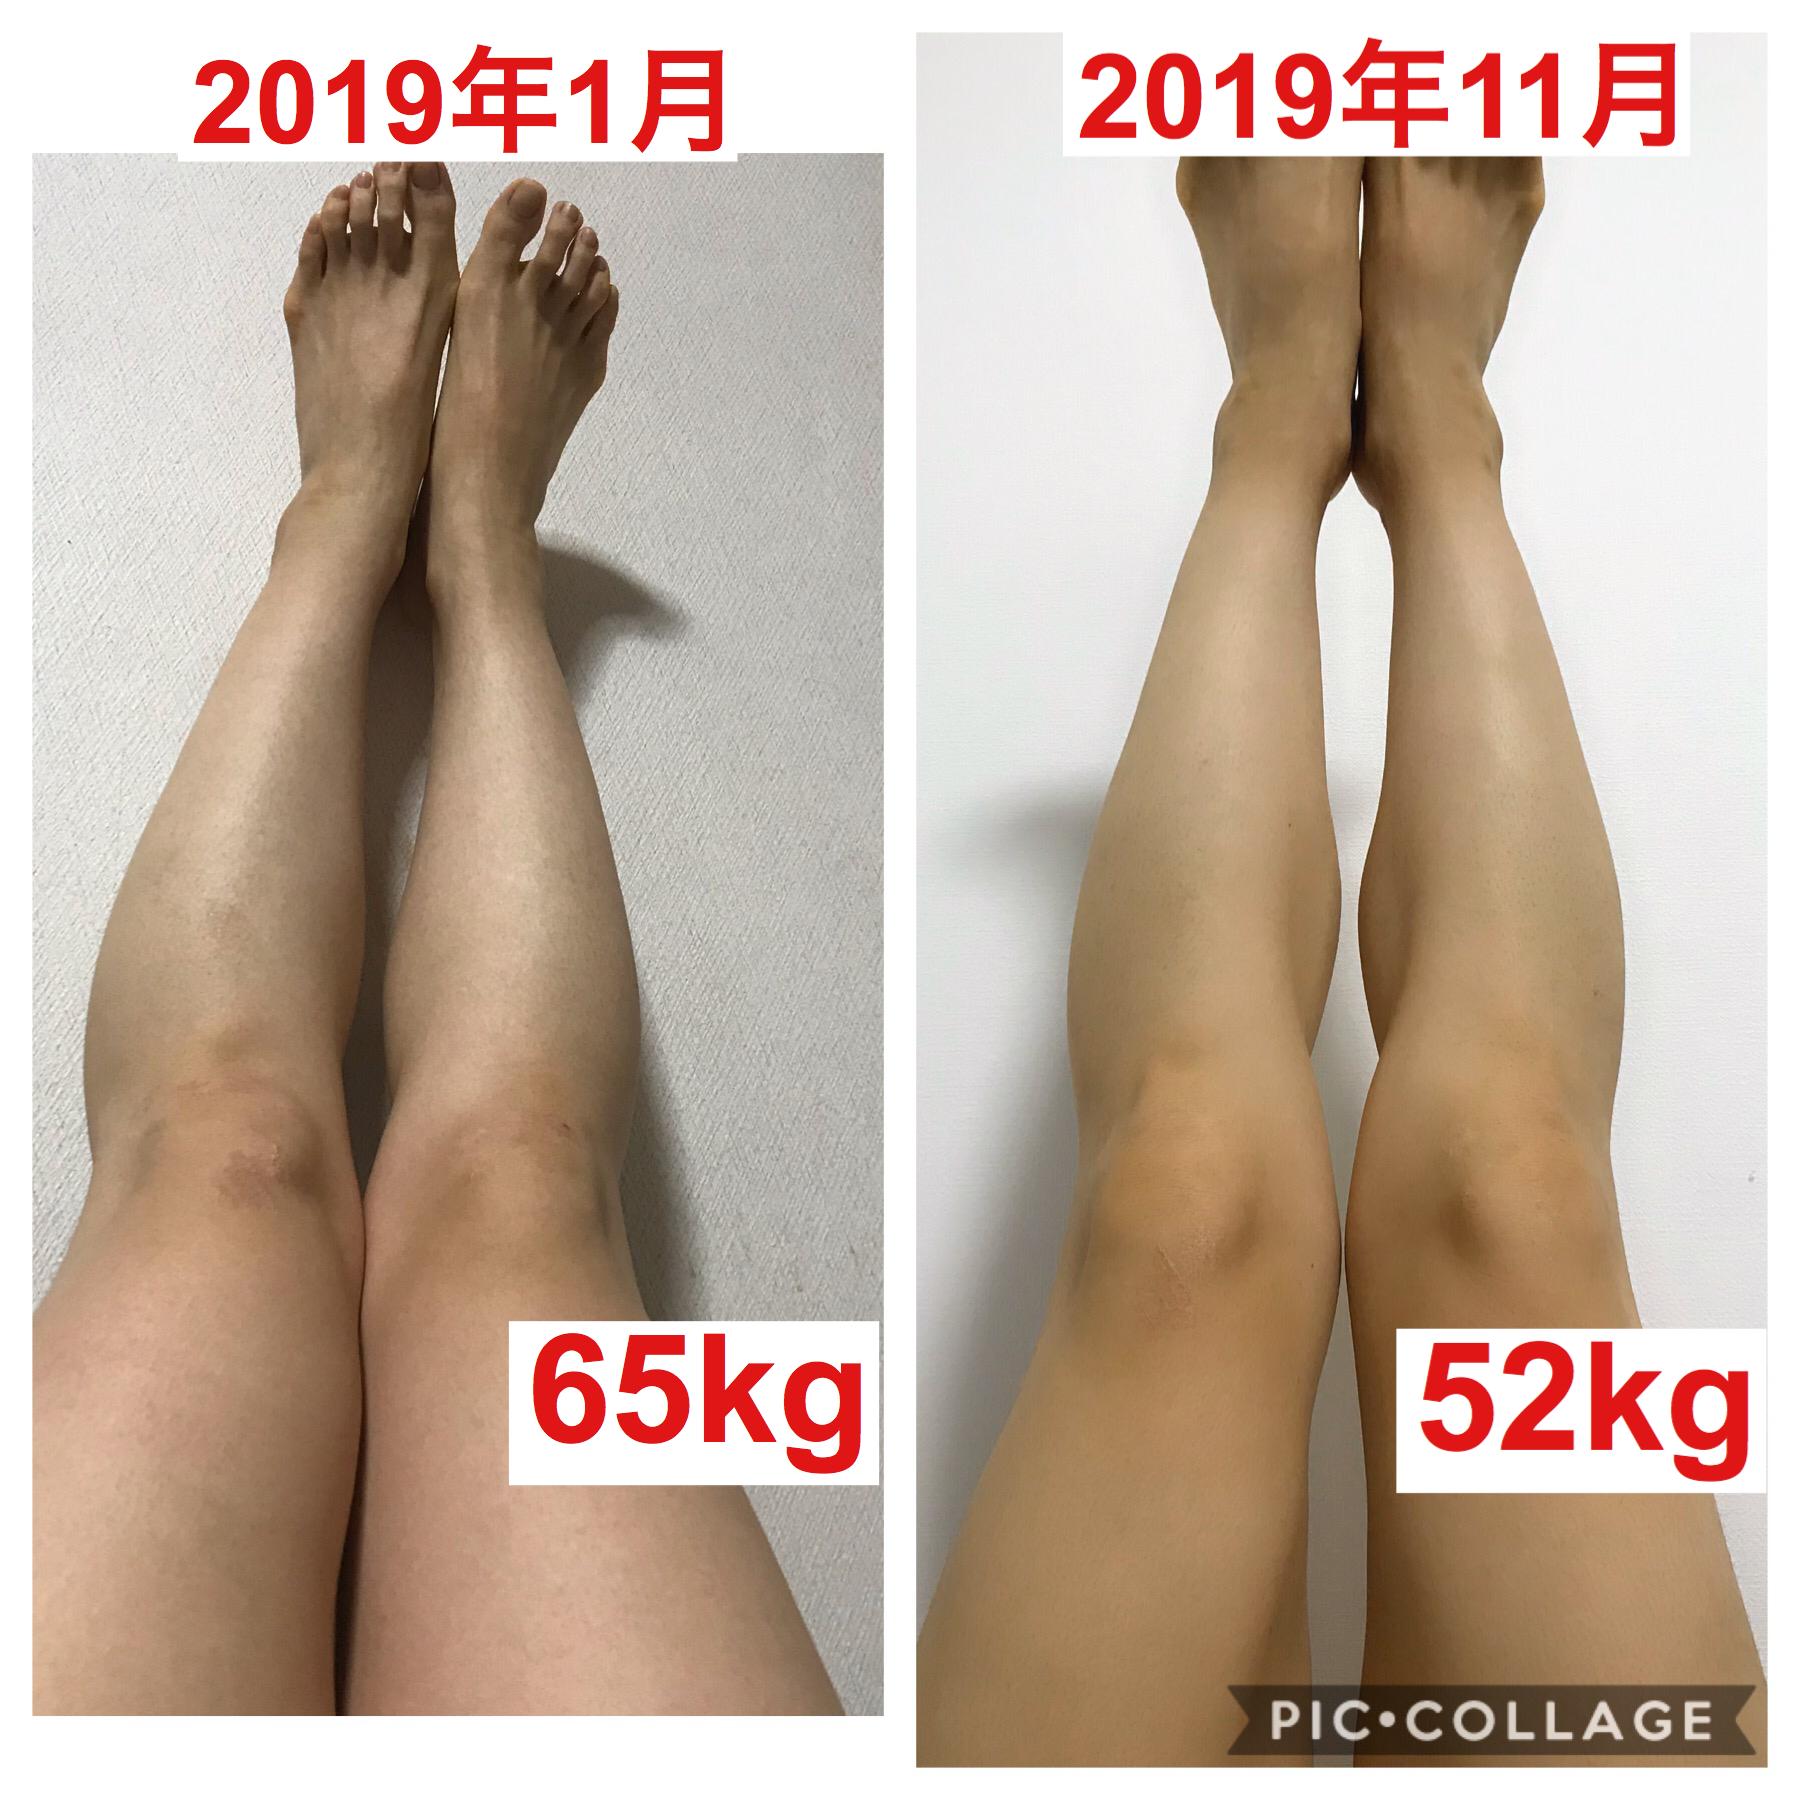 太り ふくらはぎ 痩せる 筋肉